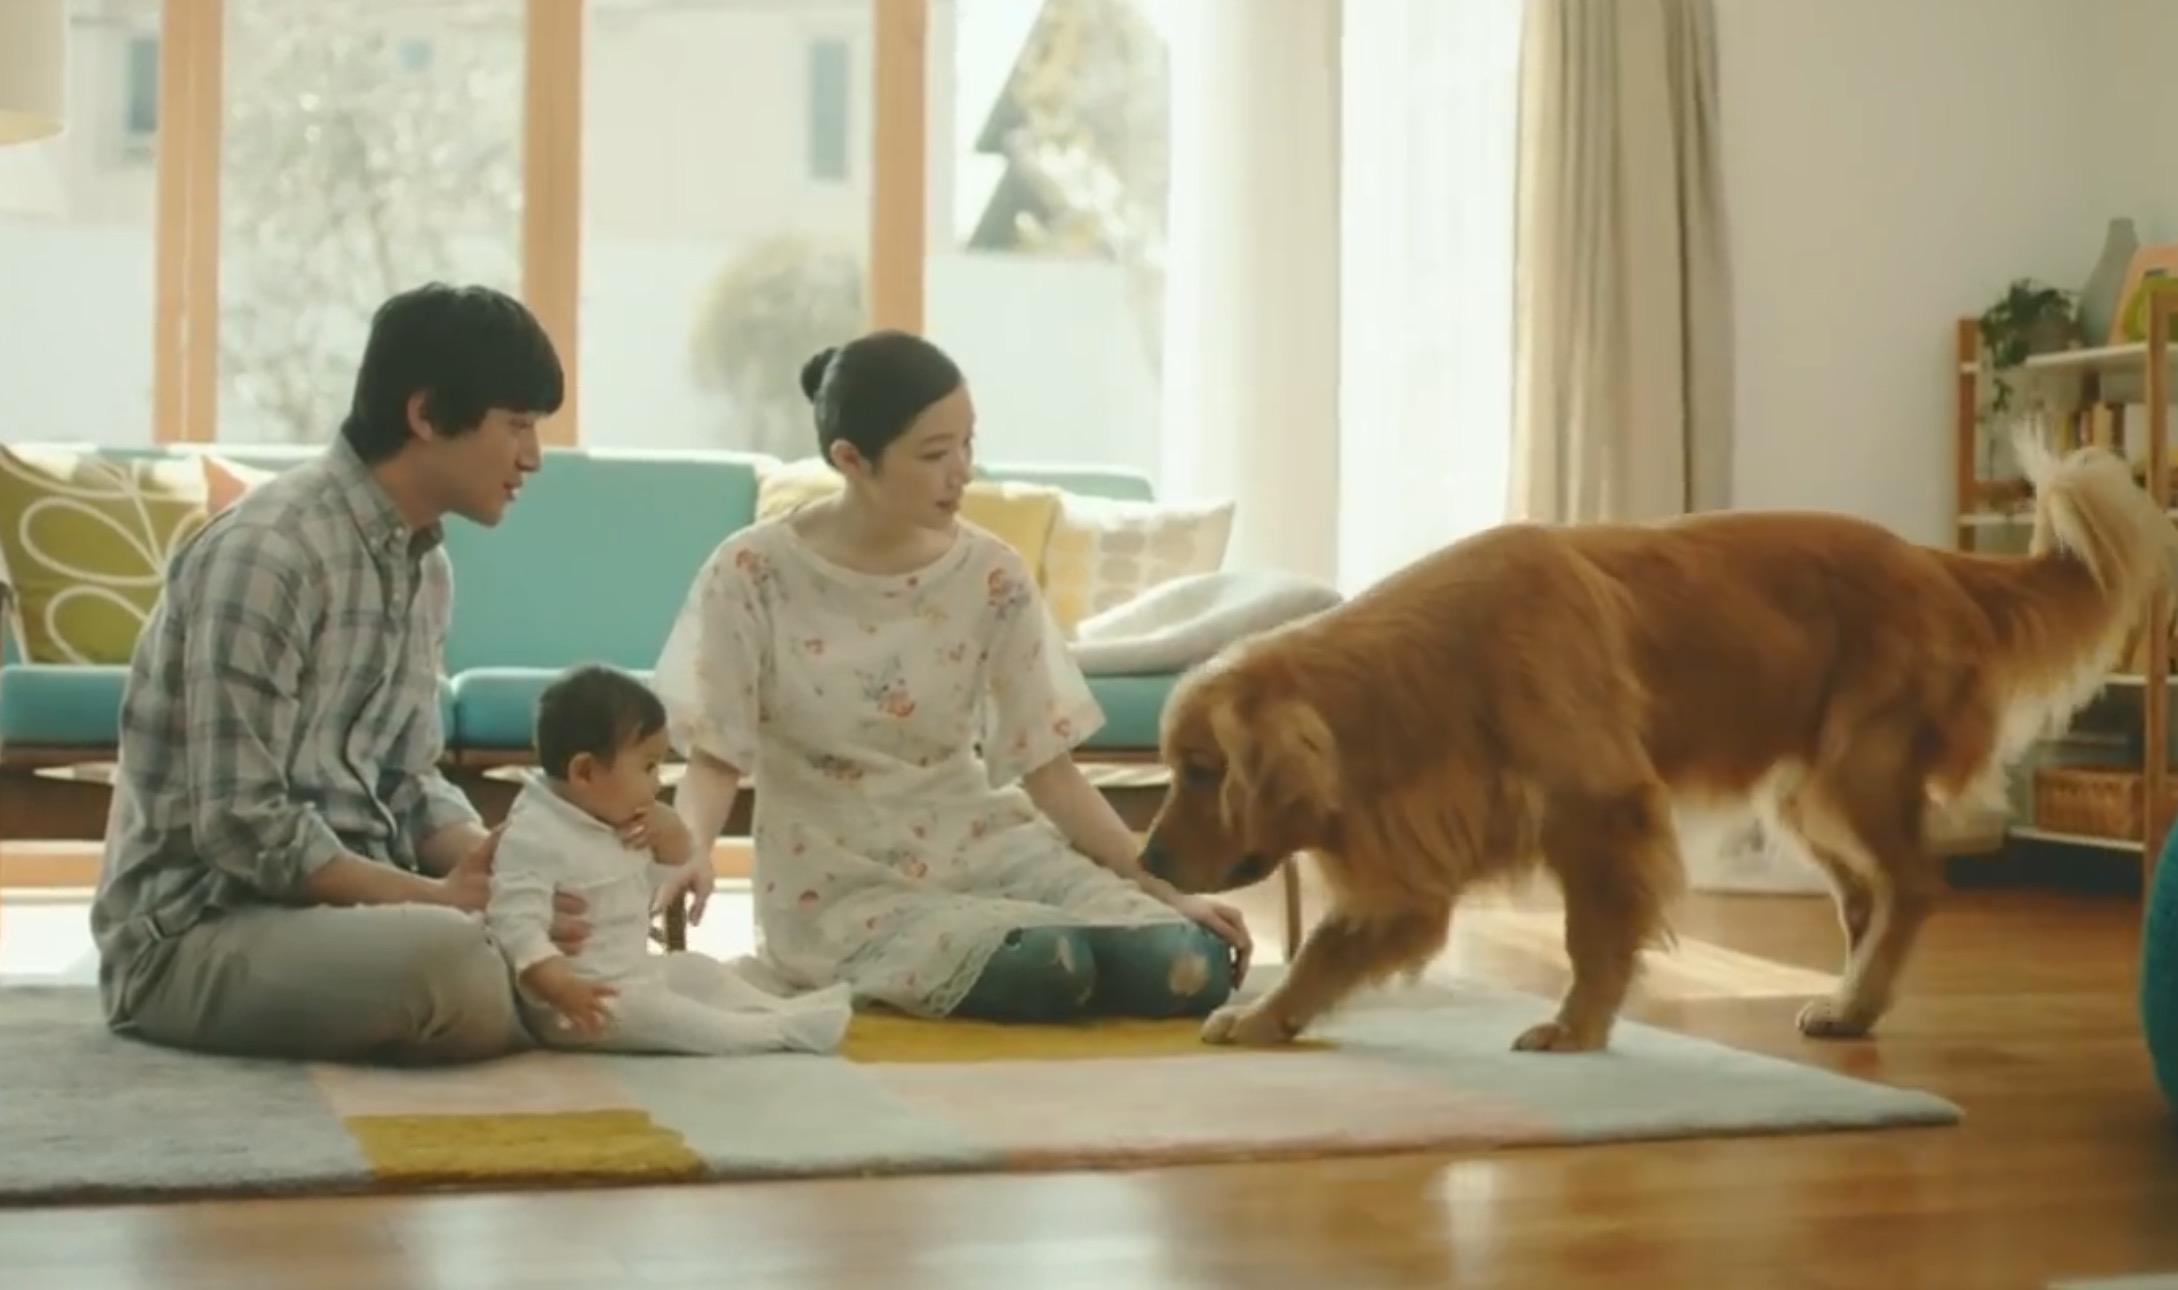 【Amazonの泣けるCM】産まれた赤ちゃんに夢中のパパとママ。切なそうにしている犬に気付いたパパが贈った、最高のプレゼントとは、、?